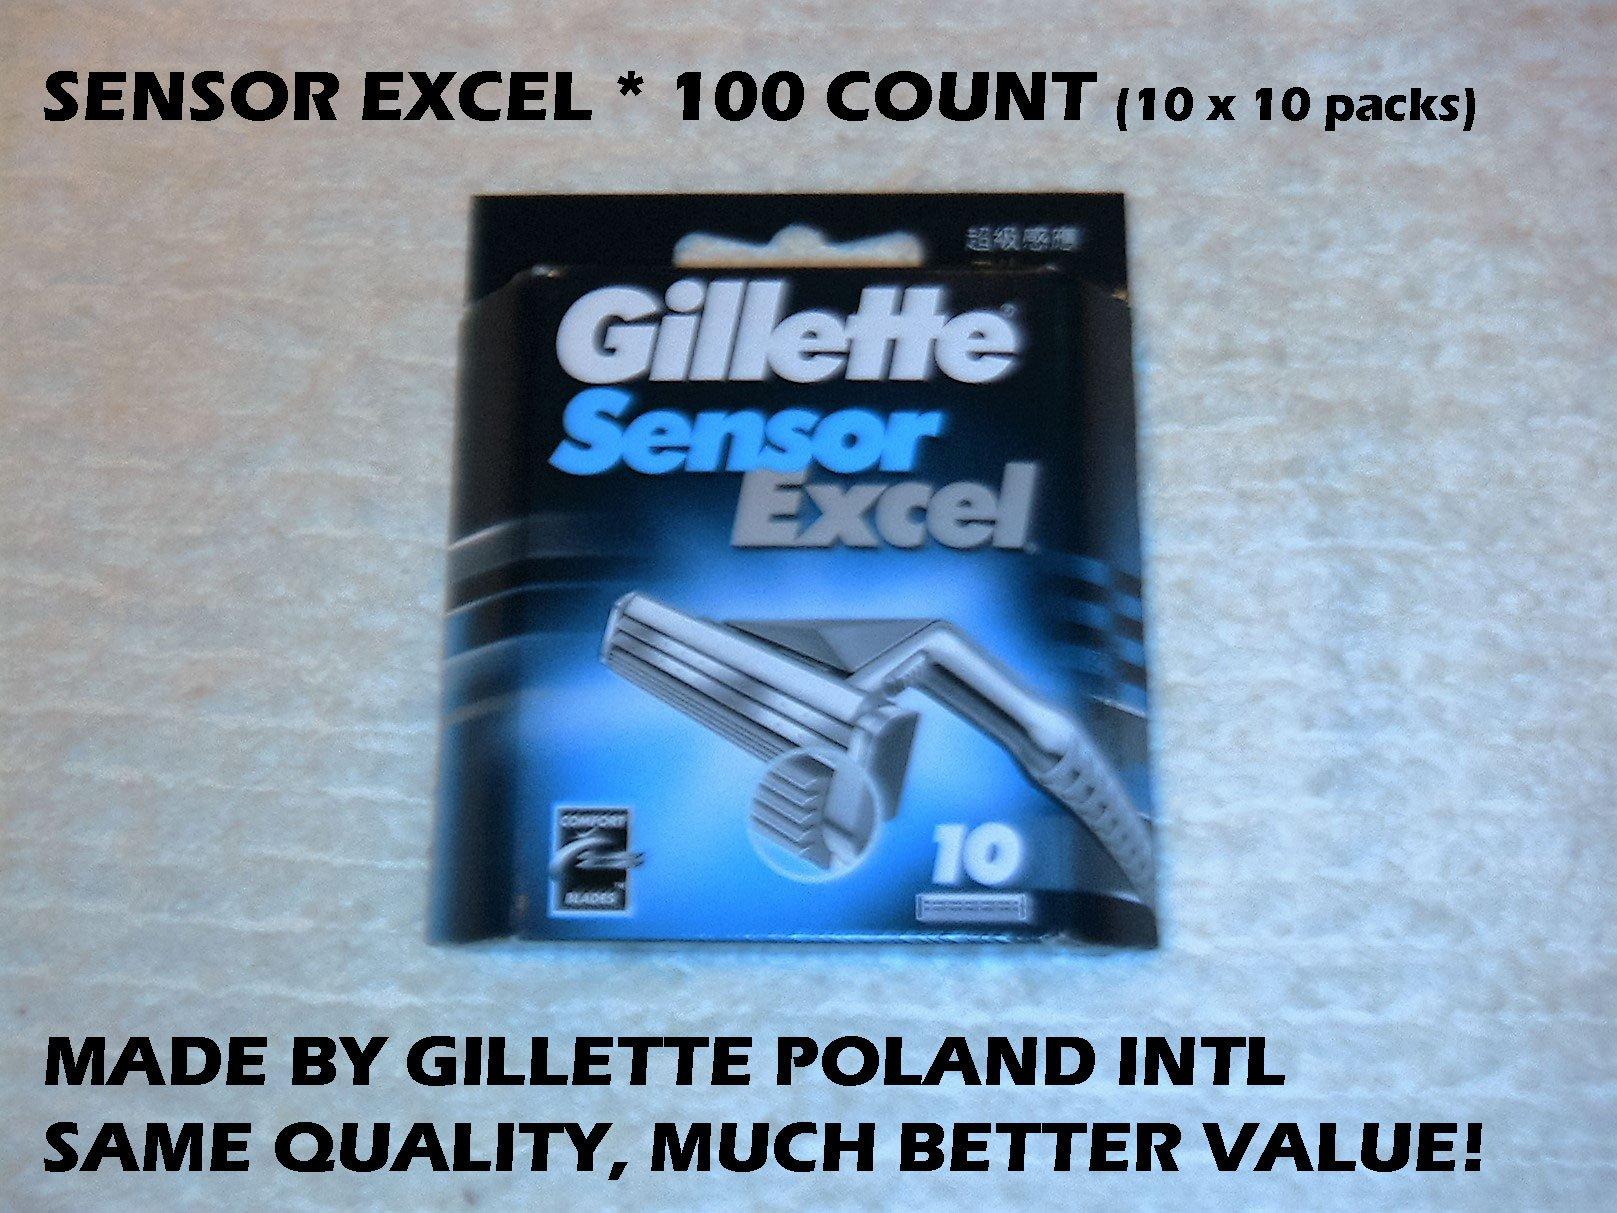 Gillette Sensor Excel - 100 Count (10 x 10 Pack)